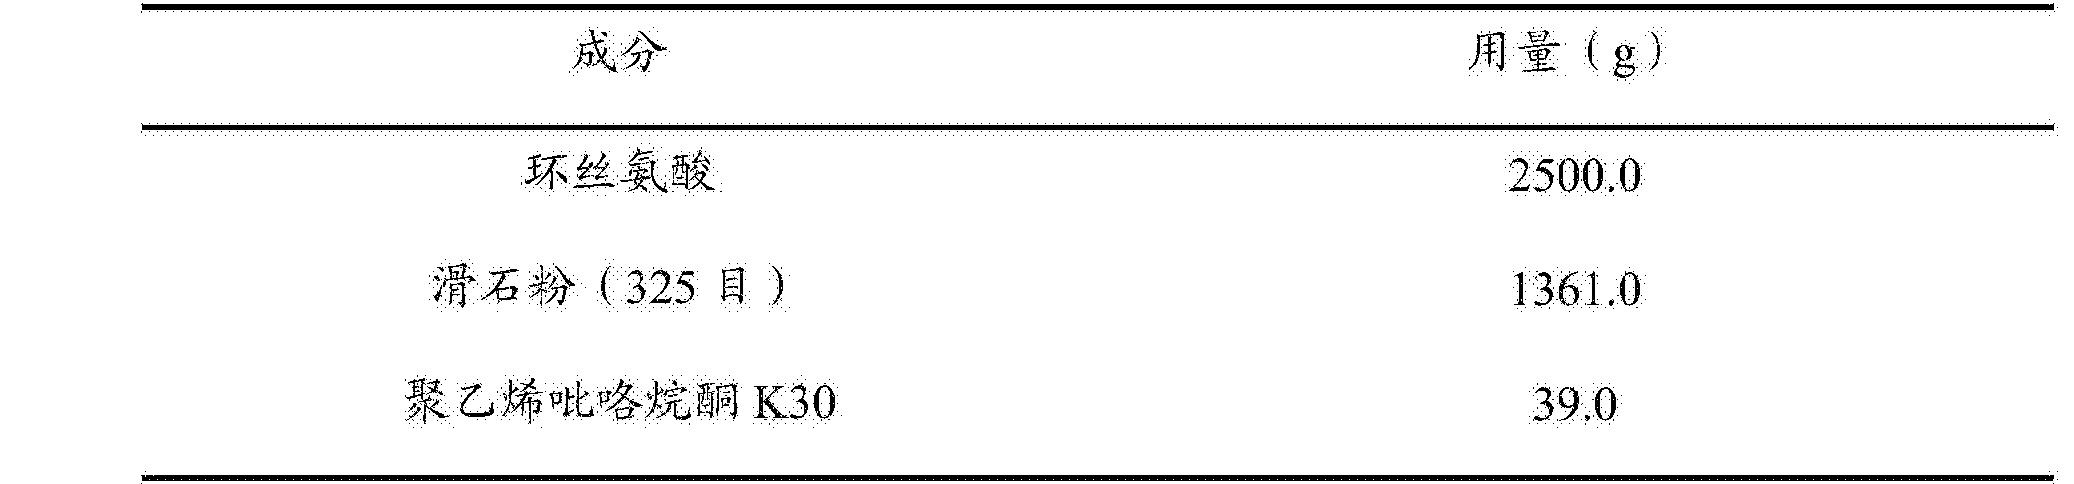 Figure CN105476976BD00281